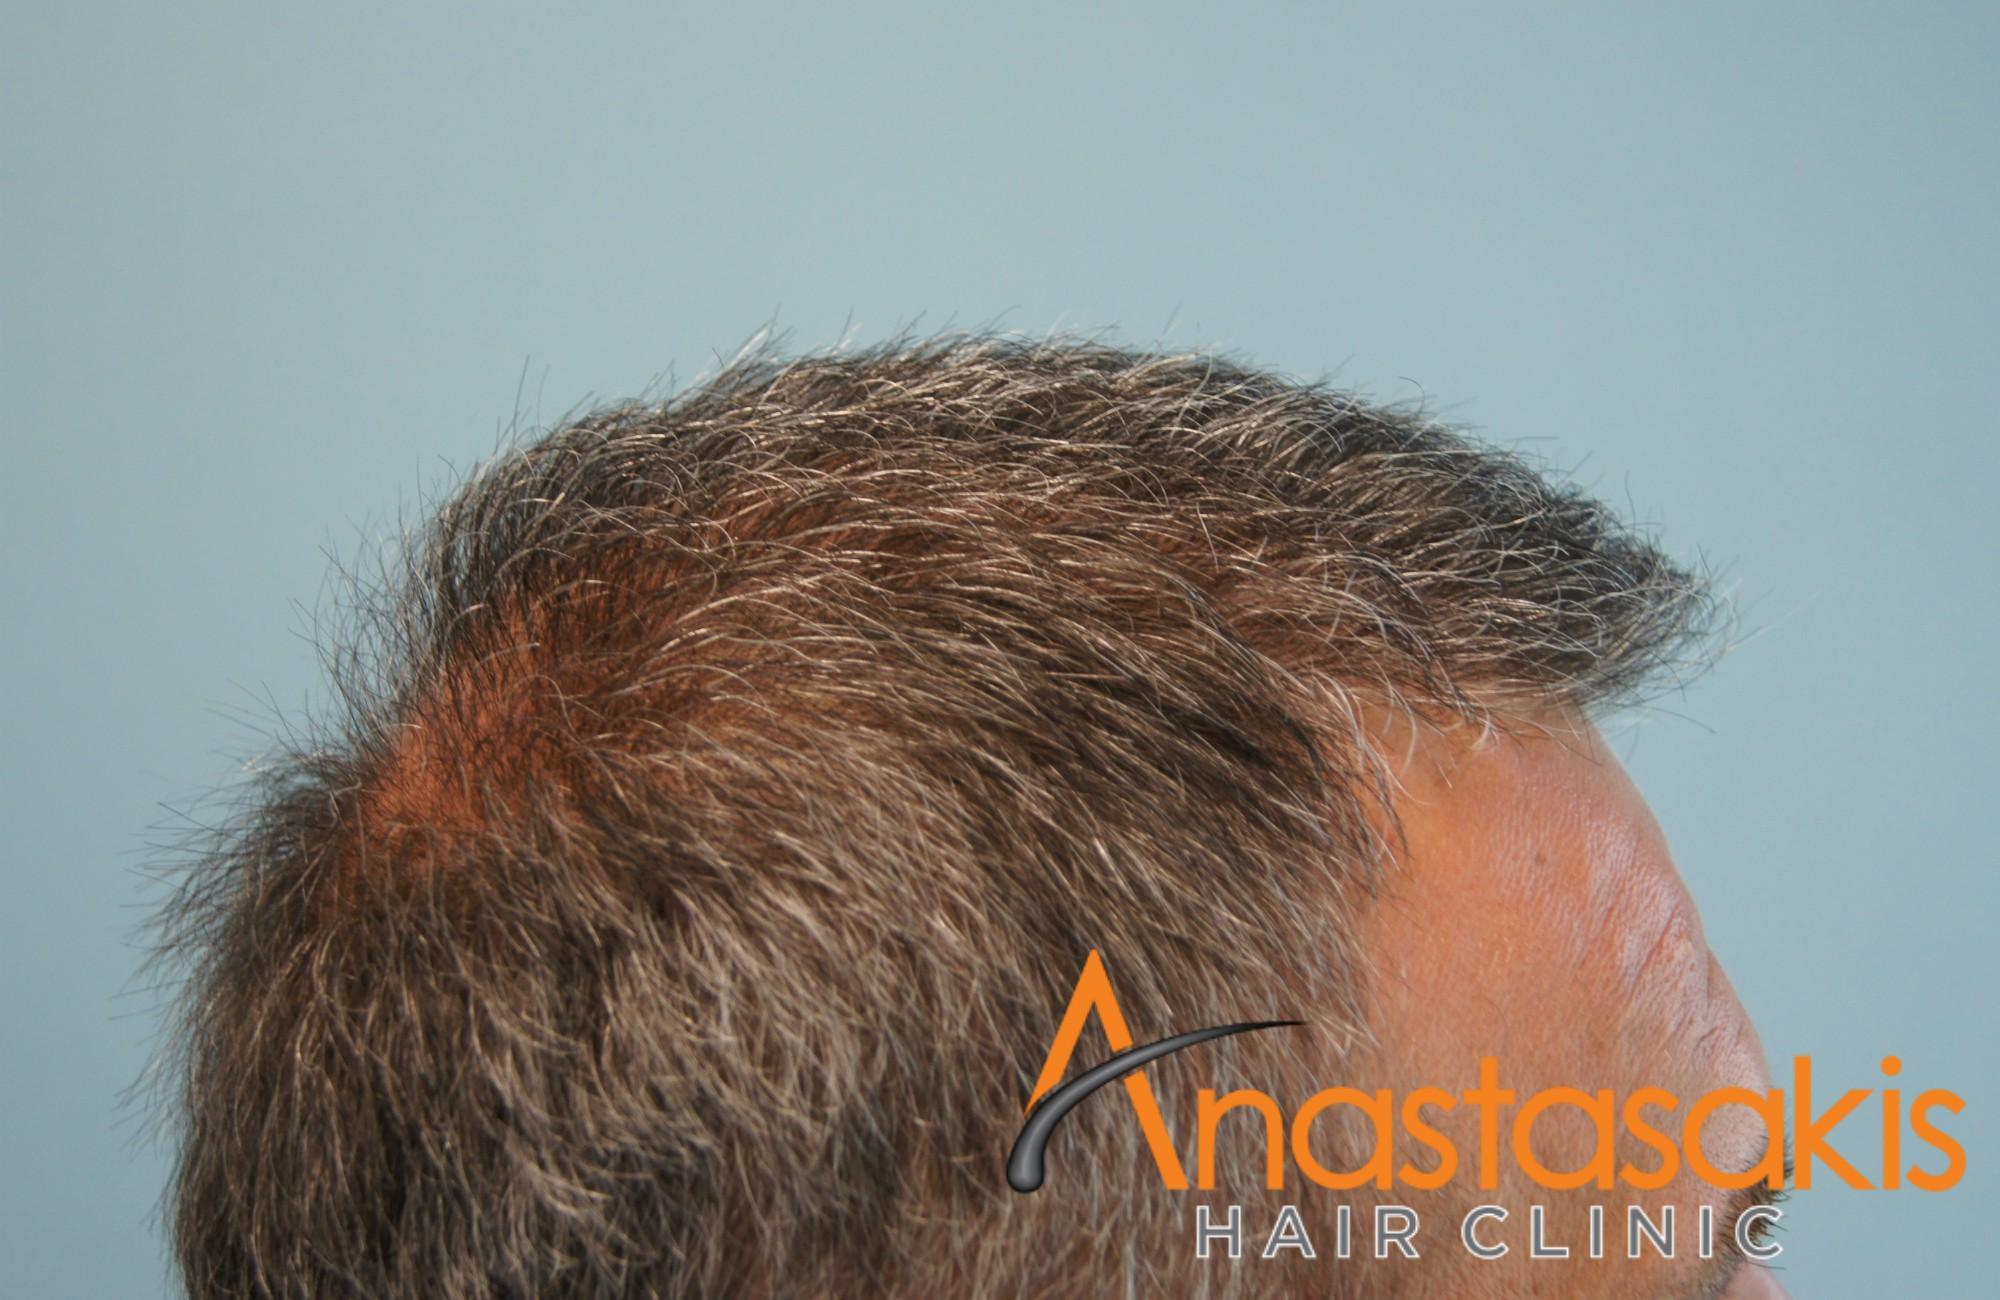 δεξί προφίλ ασθενους μετά την εμφύτευση μαλλιών με 3500 fus